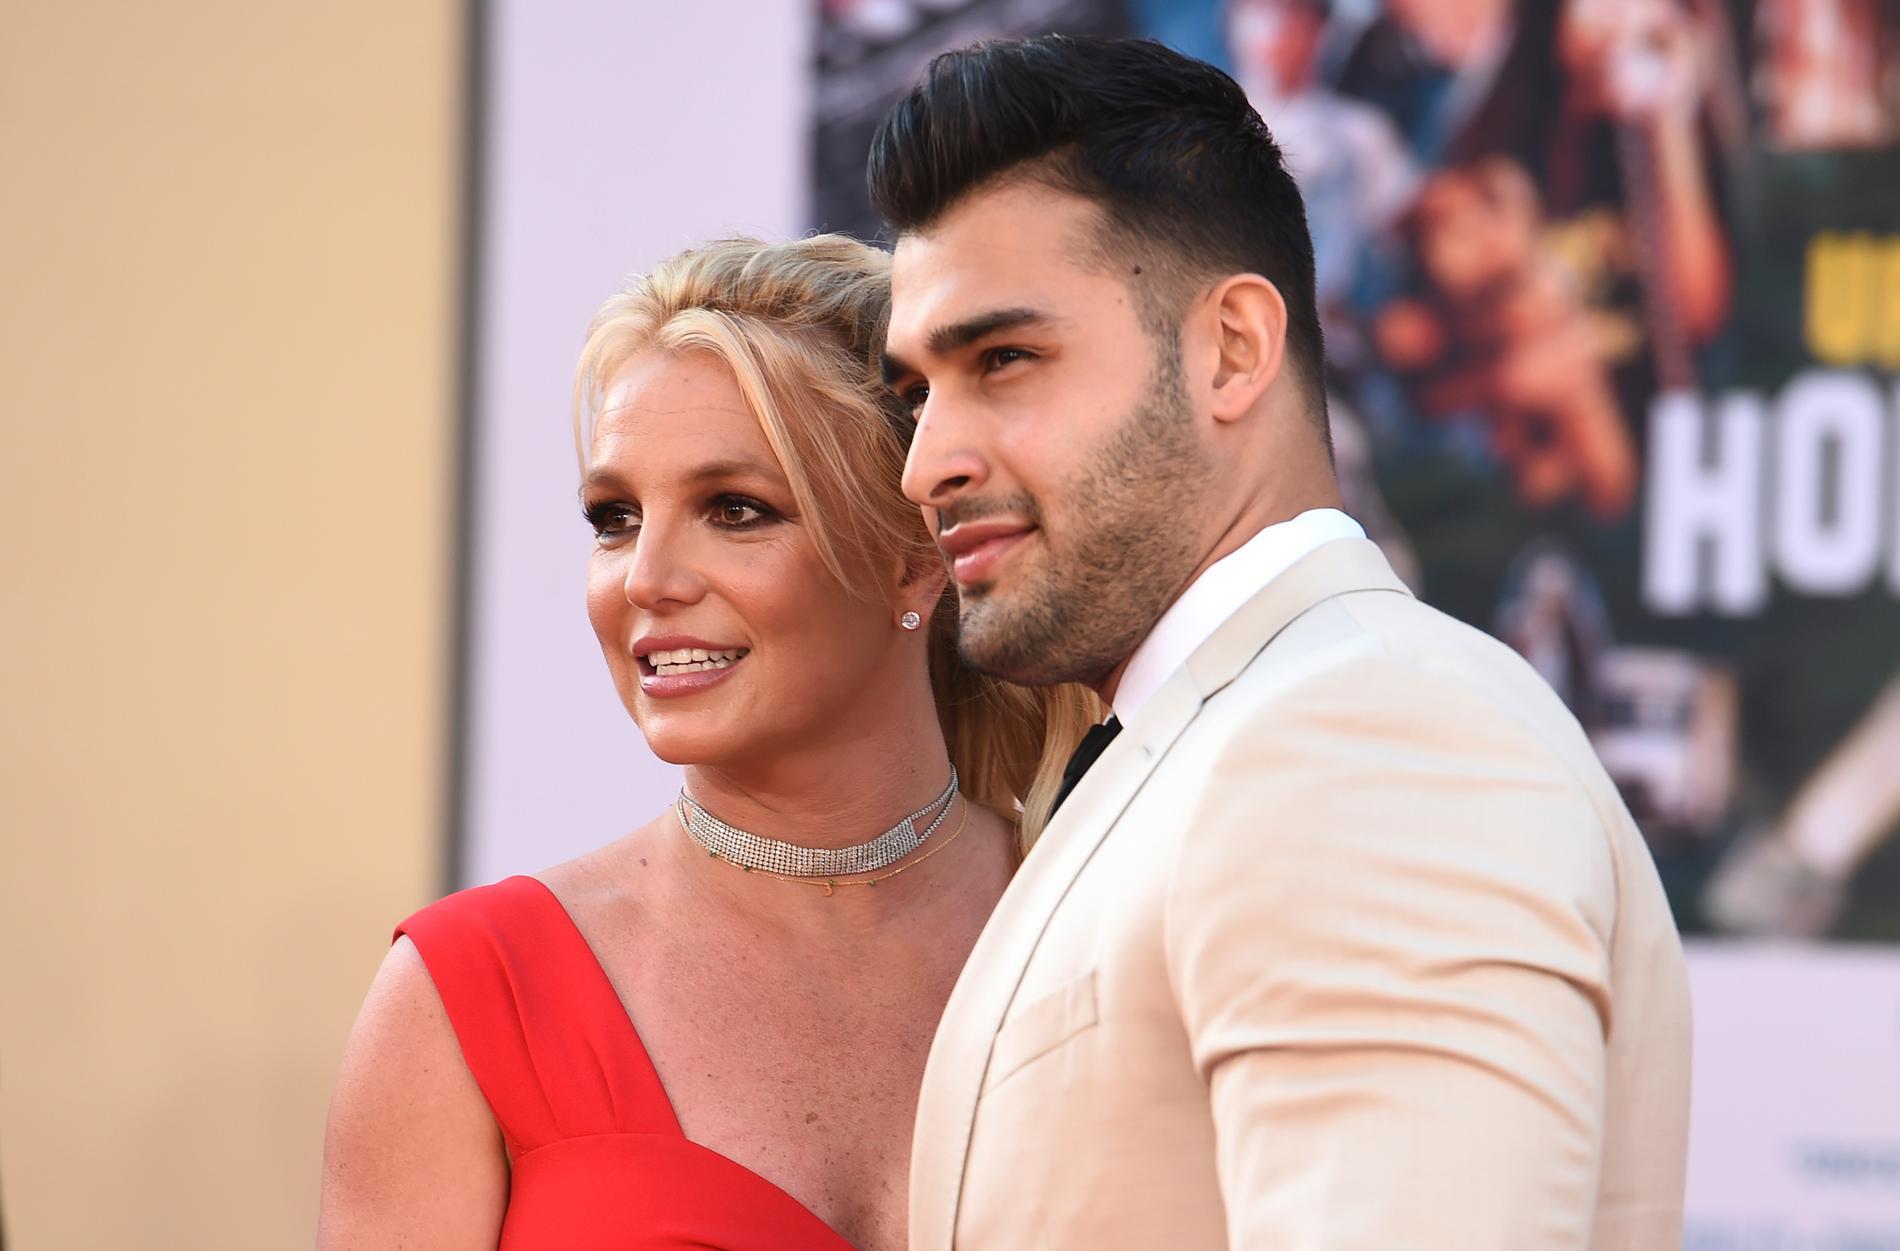 Britney Spears och Sam Asgharis förhållande är under uppsikt, enligt make up-artisten Maxi.